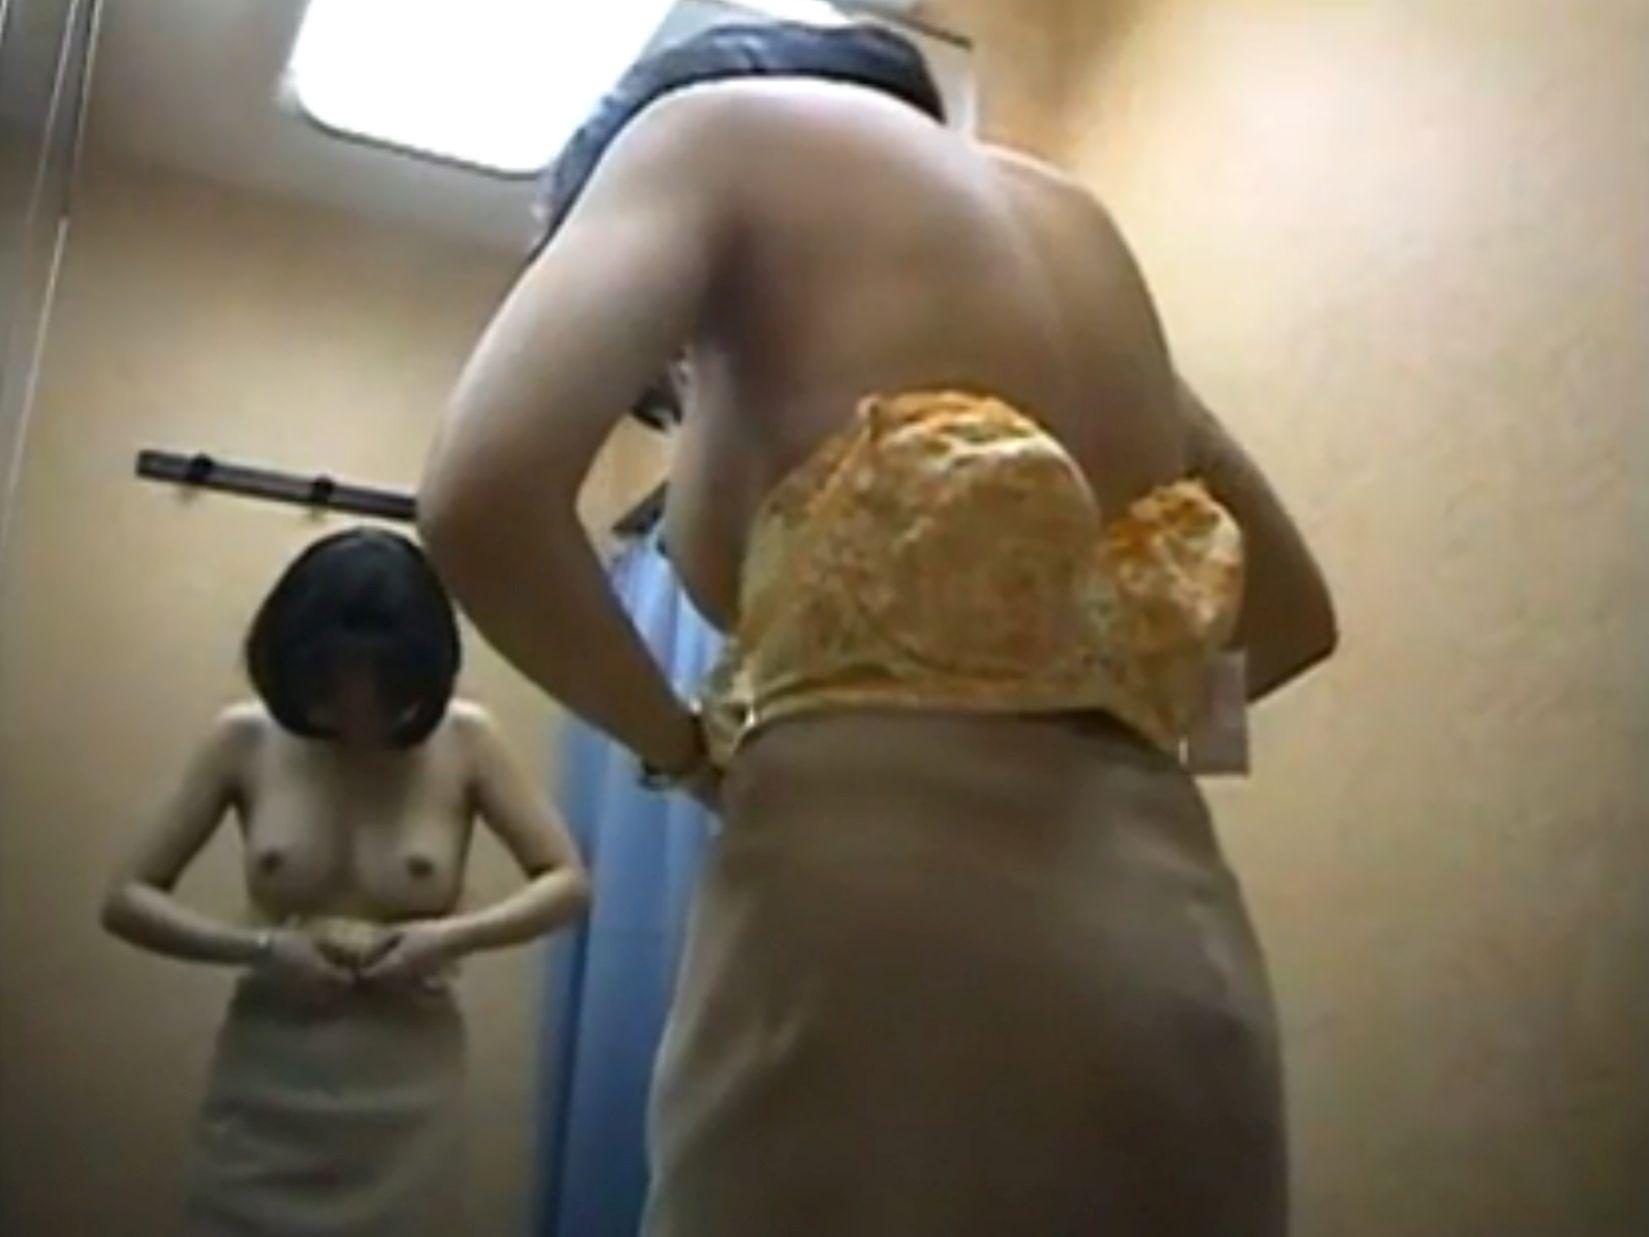 更衣室で脱衣中 (5)